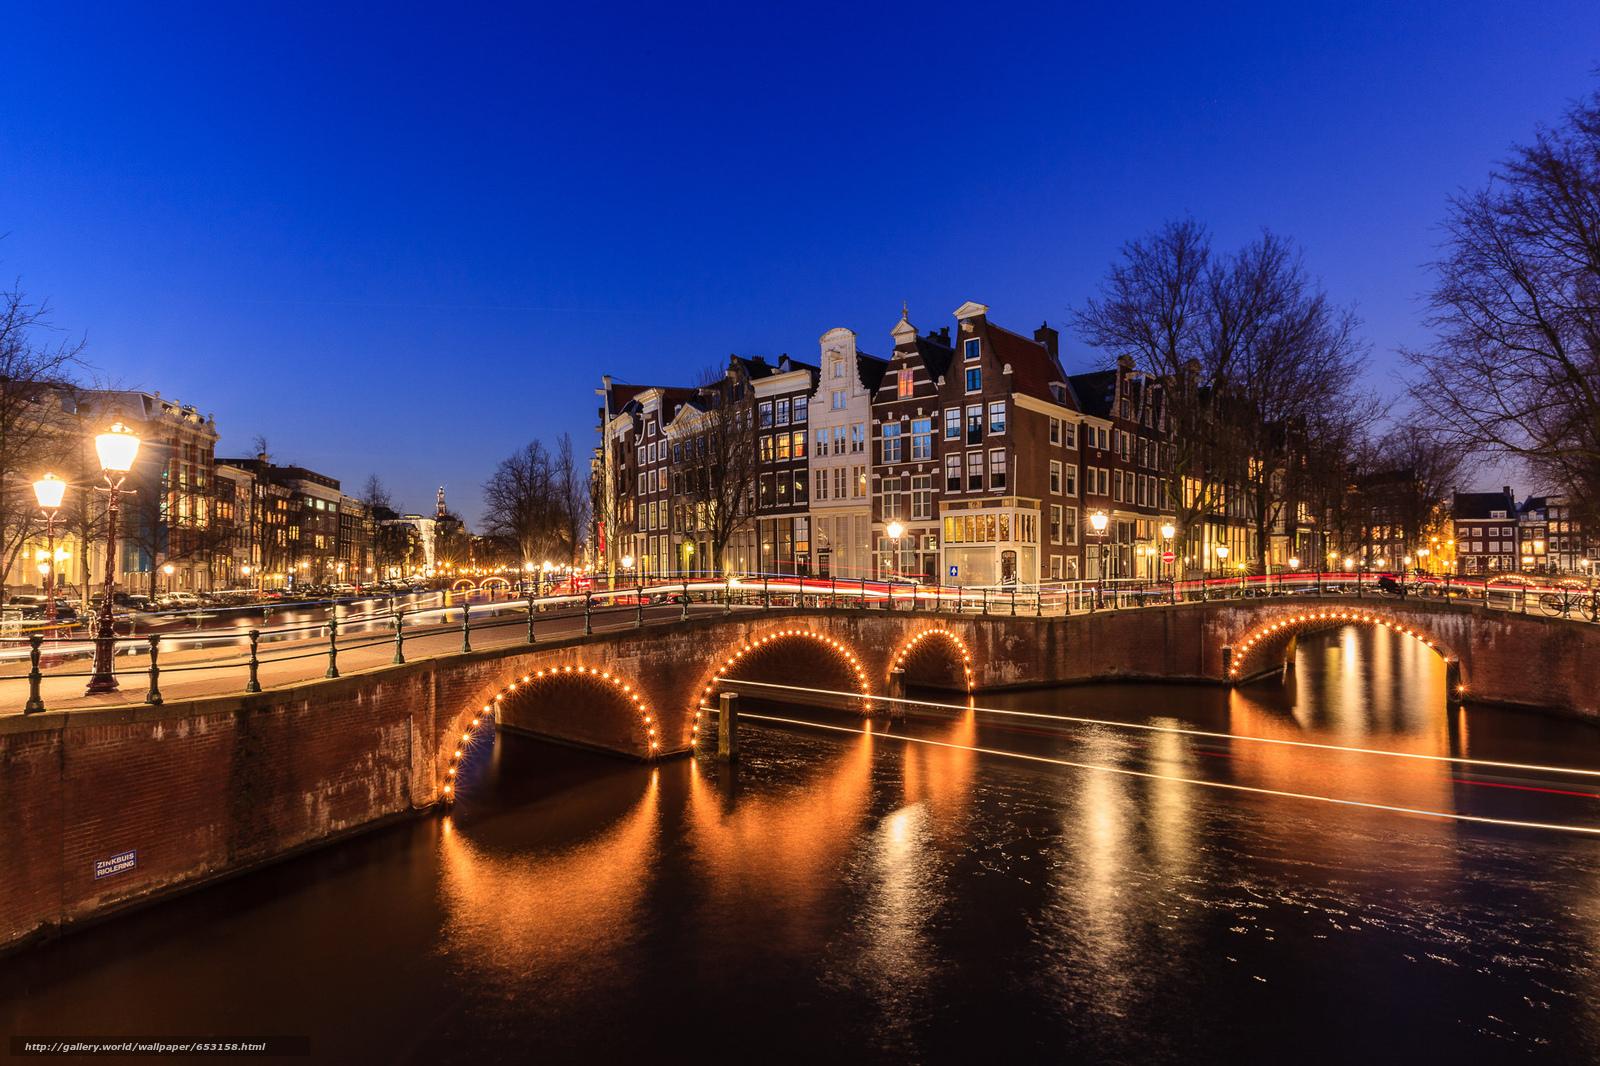 Скачать обои Amsterdam,  Амстердам,  столица и крупнейший город Нидерландов,  Нидерланды бесплатно для рабочего стола в разрешении 2048x1365 — картинка №653158